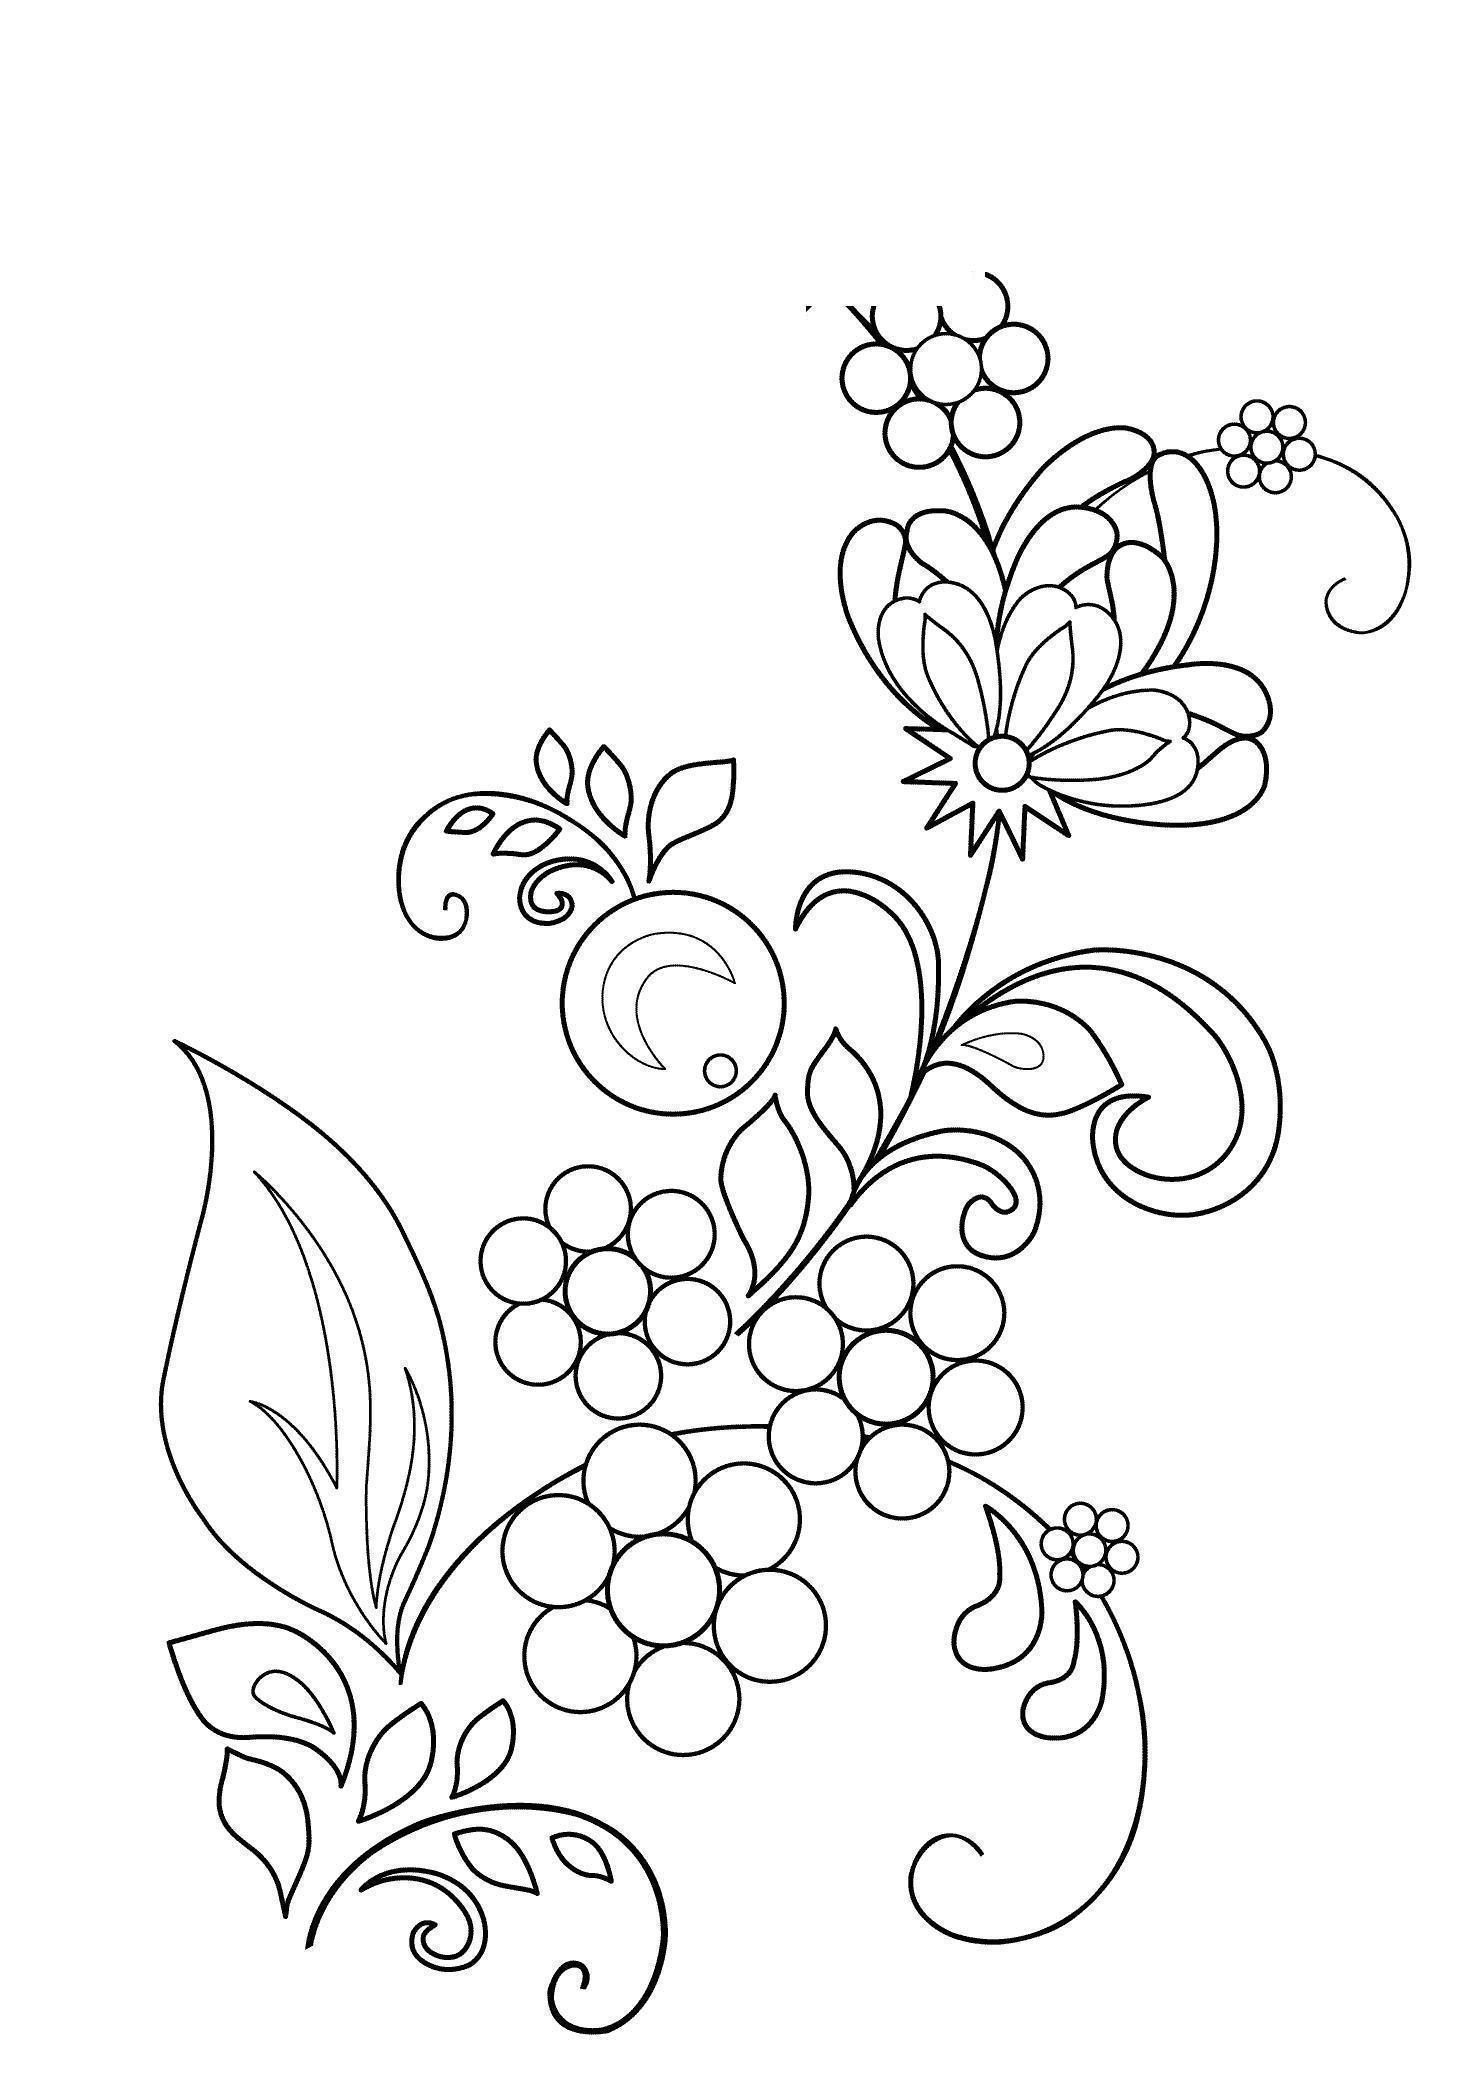 Узор из цветов Раскраски с цветами распечатать бесплатно